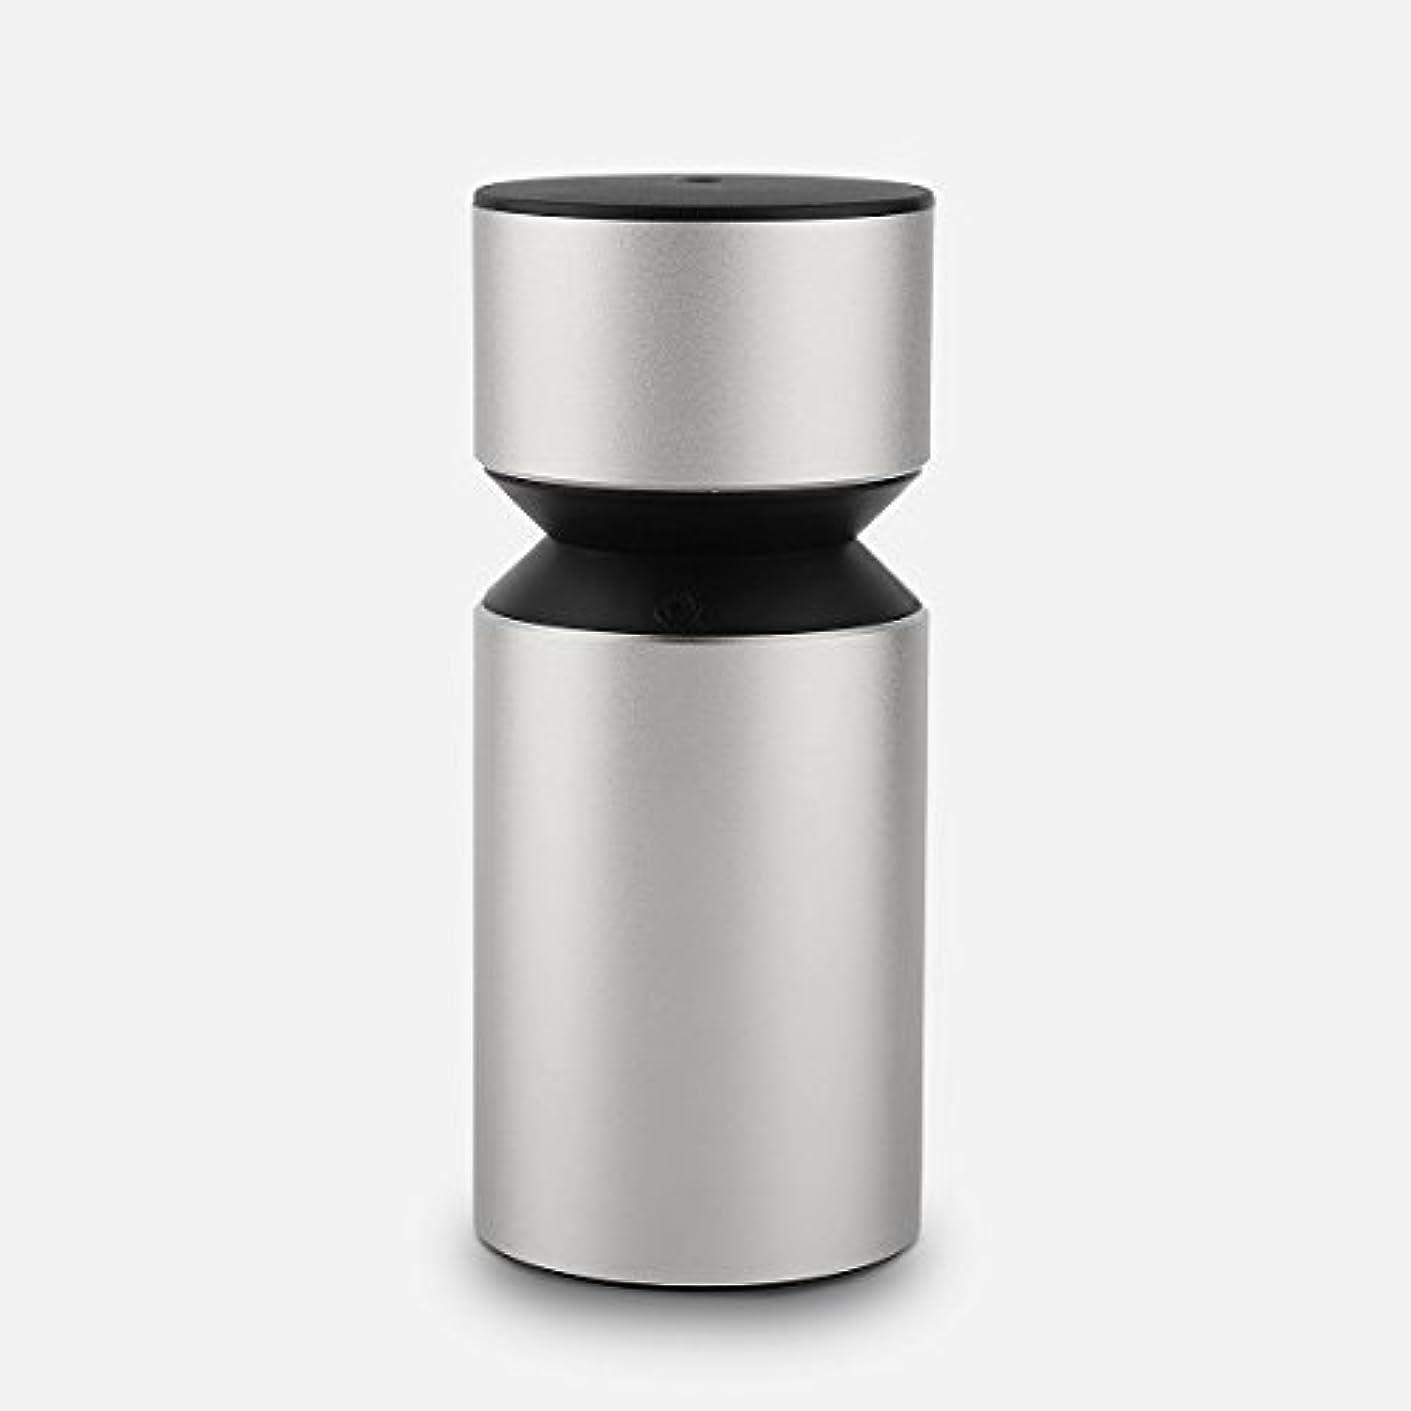 助けになるリマーク十一Bbymieポータブルアロマテラピー純粋なエッセンシャルオイルディフューザーは車/旅行/オフィス/リビングルーム - 空気フレッシュ - ユニークなデザインは安全に使用する - Bpaフリー